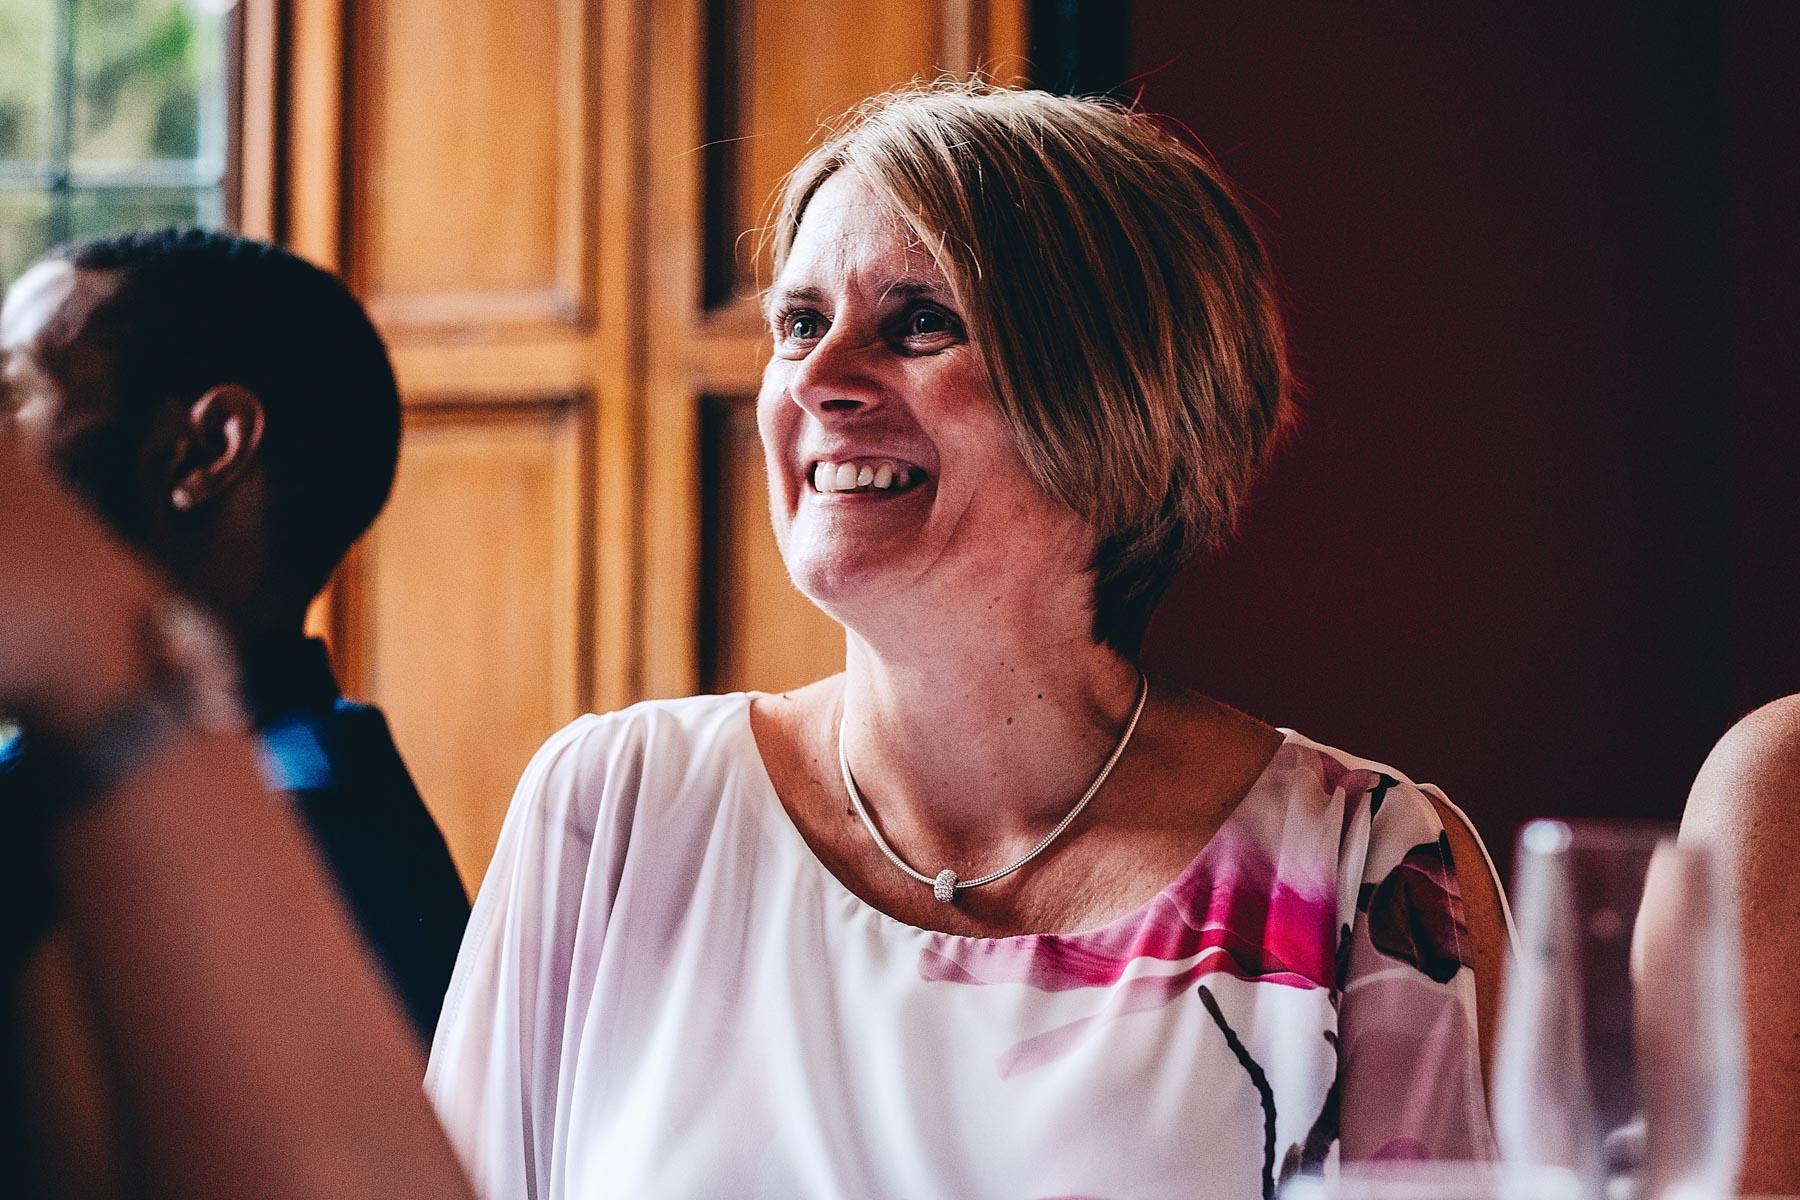 Guest laughs during wedding bestman speech